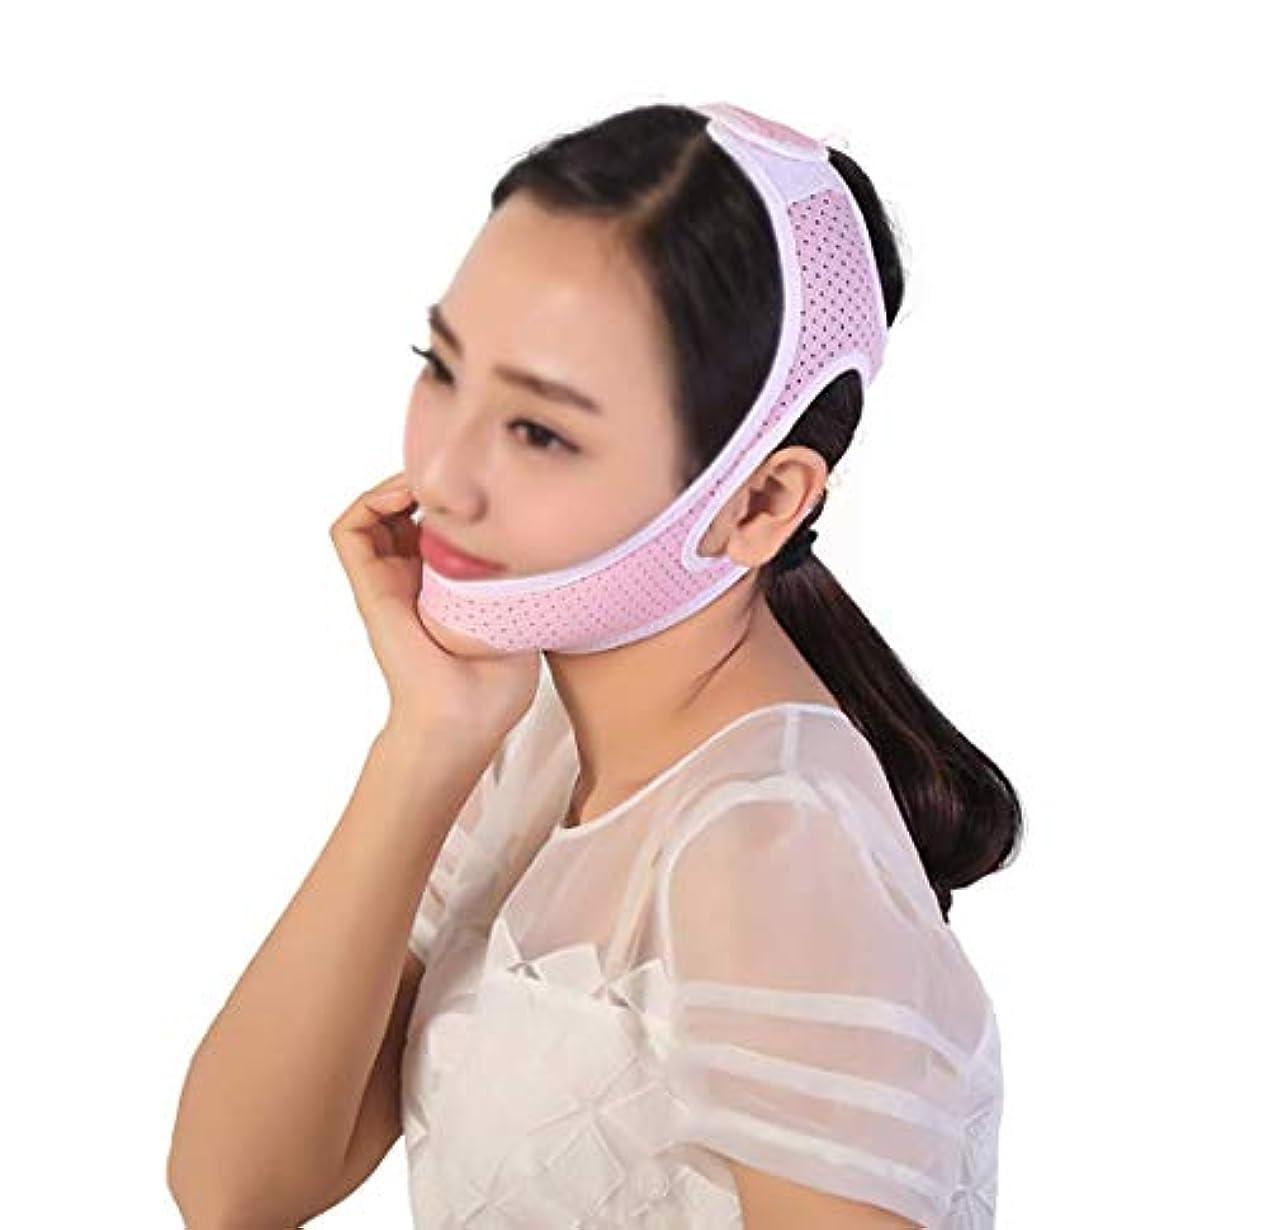 現象影抵当顔用痩身マスク痩身包帯通気性フェイシャルダブルチンケア減量フェイスベルト(サイズ:M)